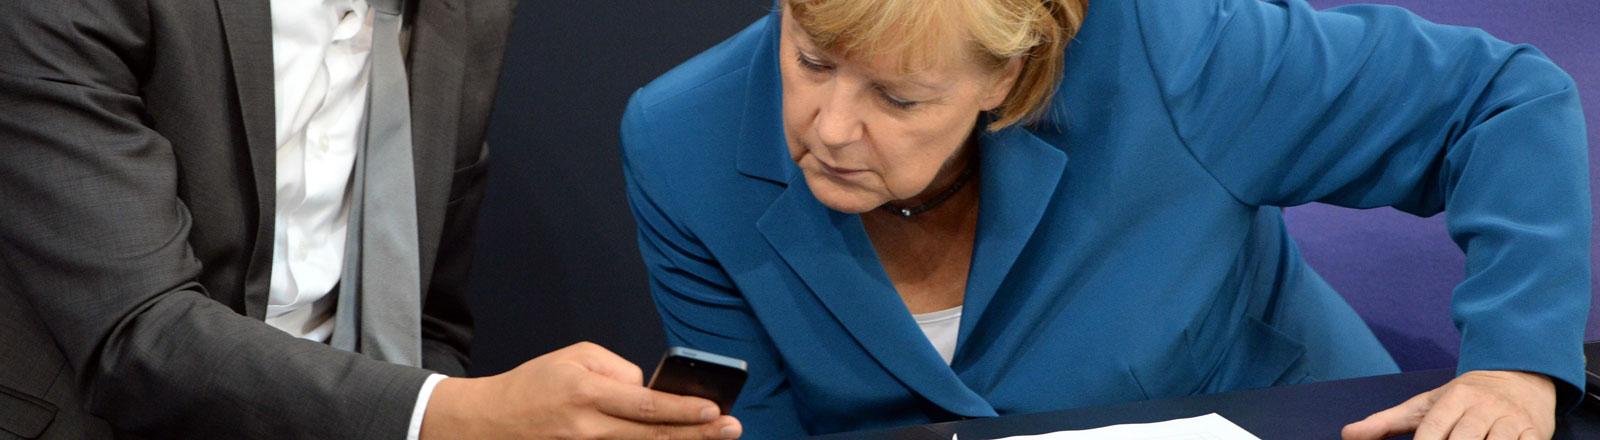 Der ehemalige Bundeswirtschaftsminister Philipp Rösler (FDP) zeigt Bundeskanzlerin Angela Merkel etwas auf seinem Smartphone.